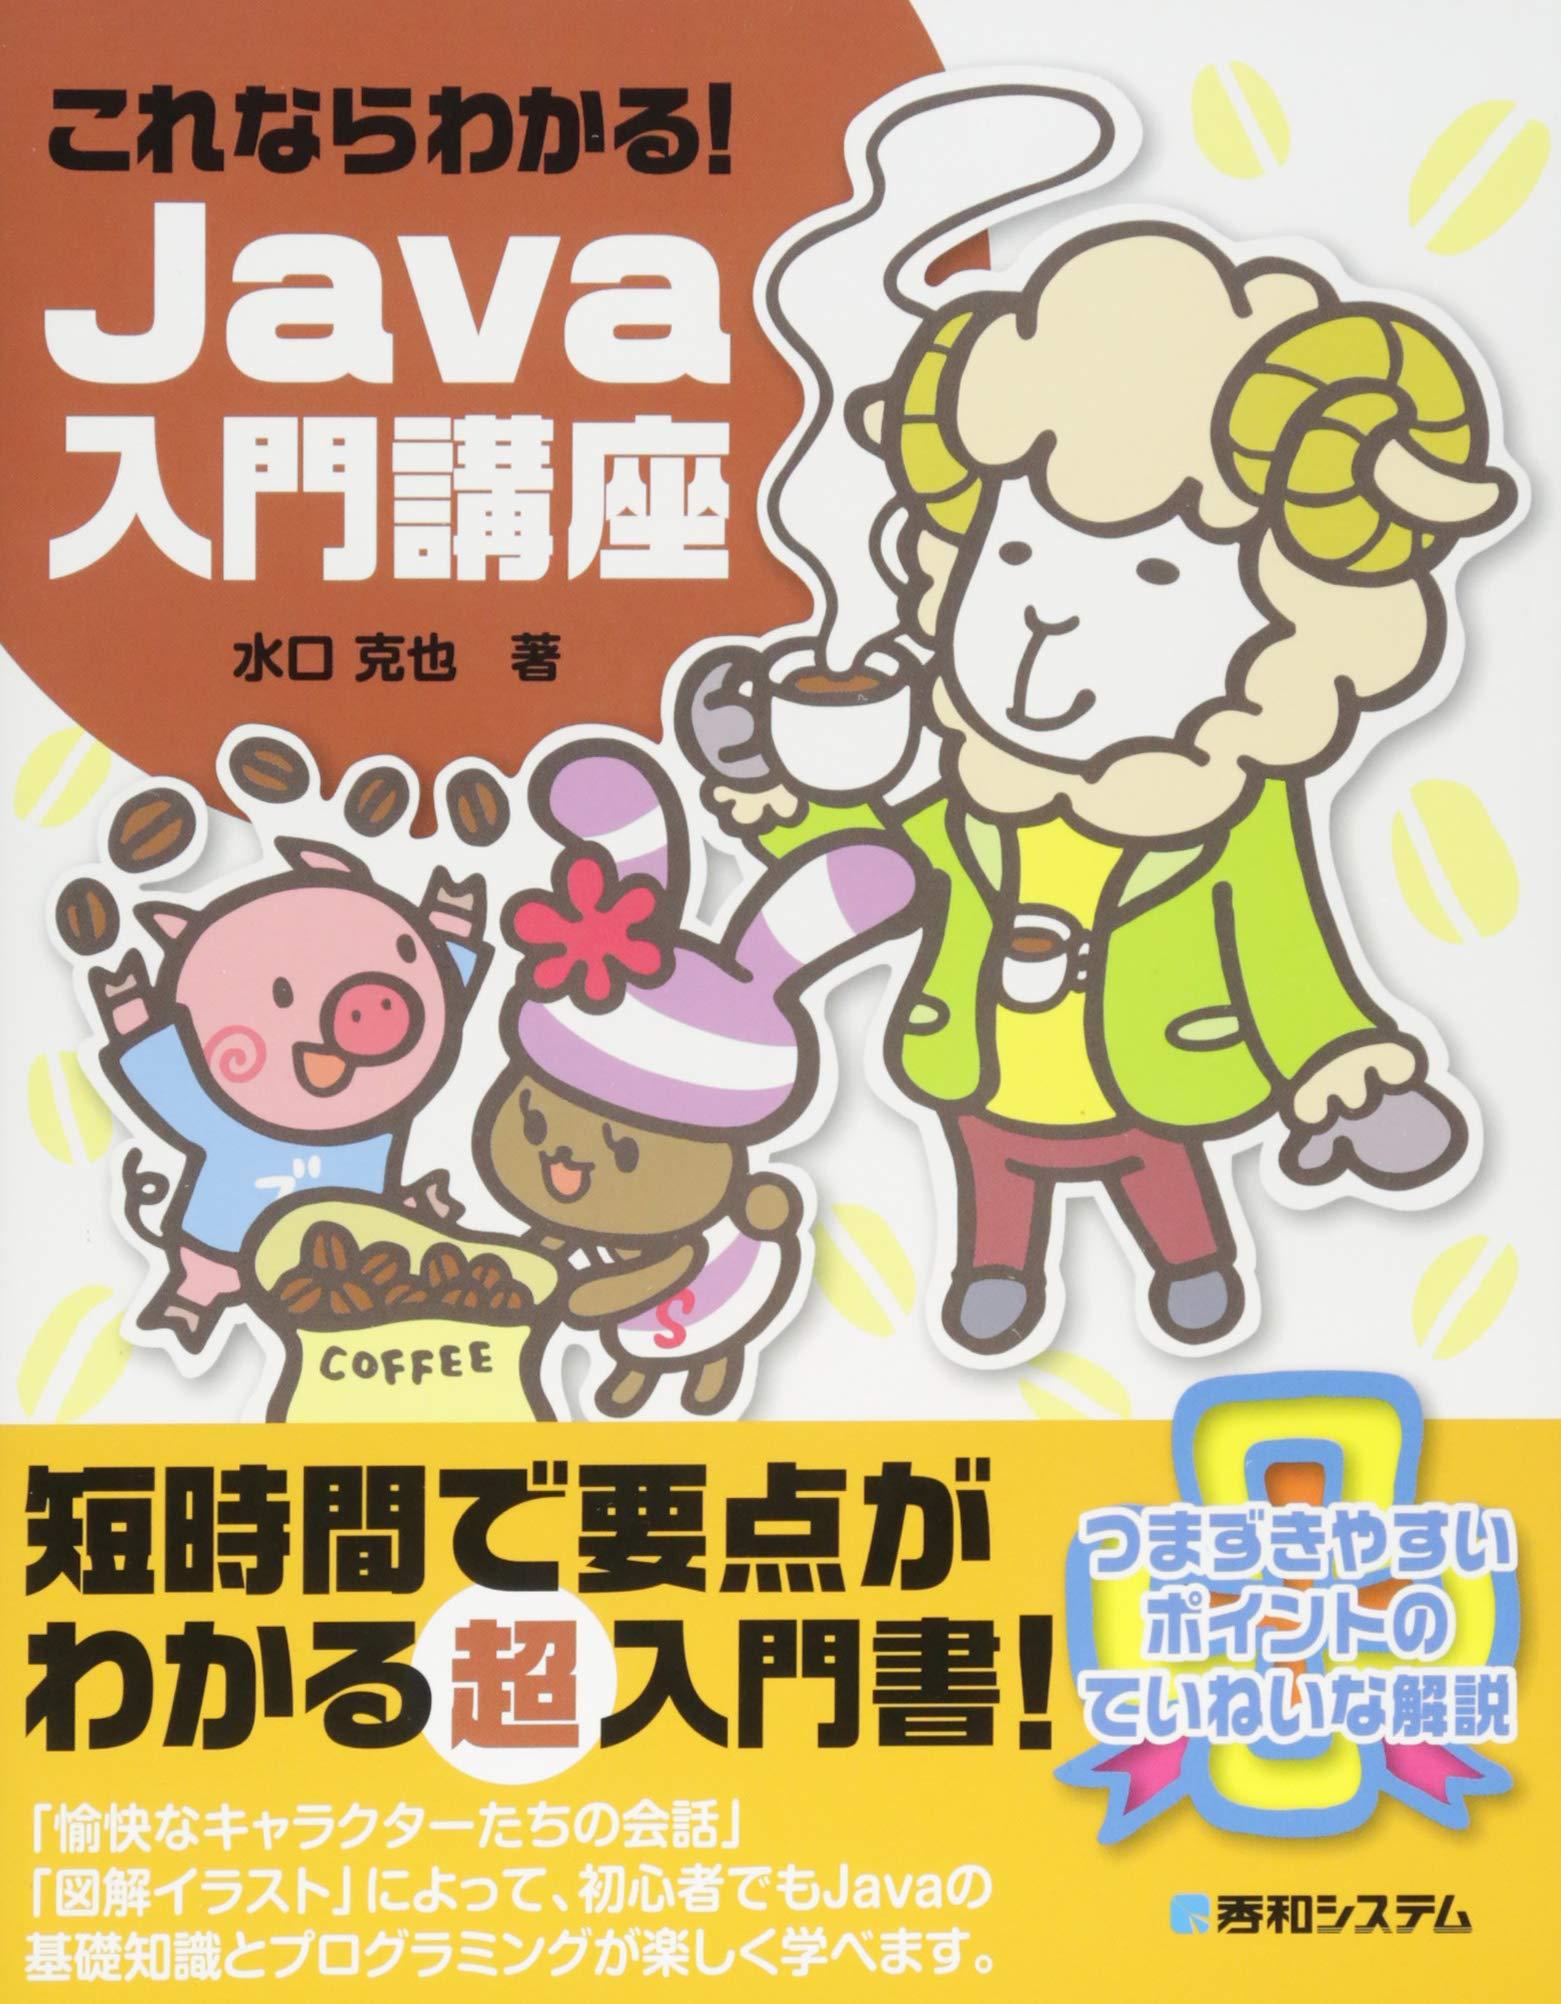 これならわかる!Java入門講座の表紙